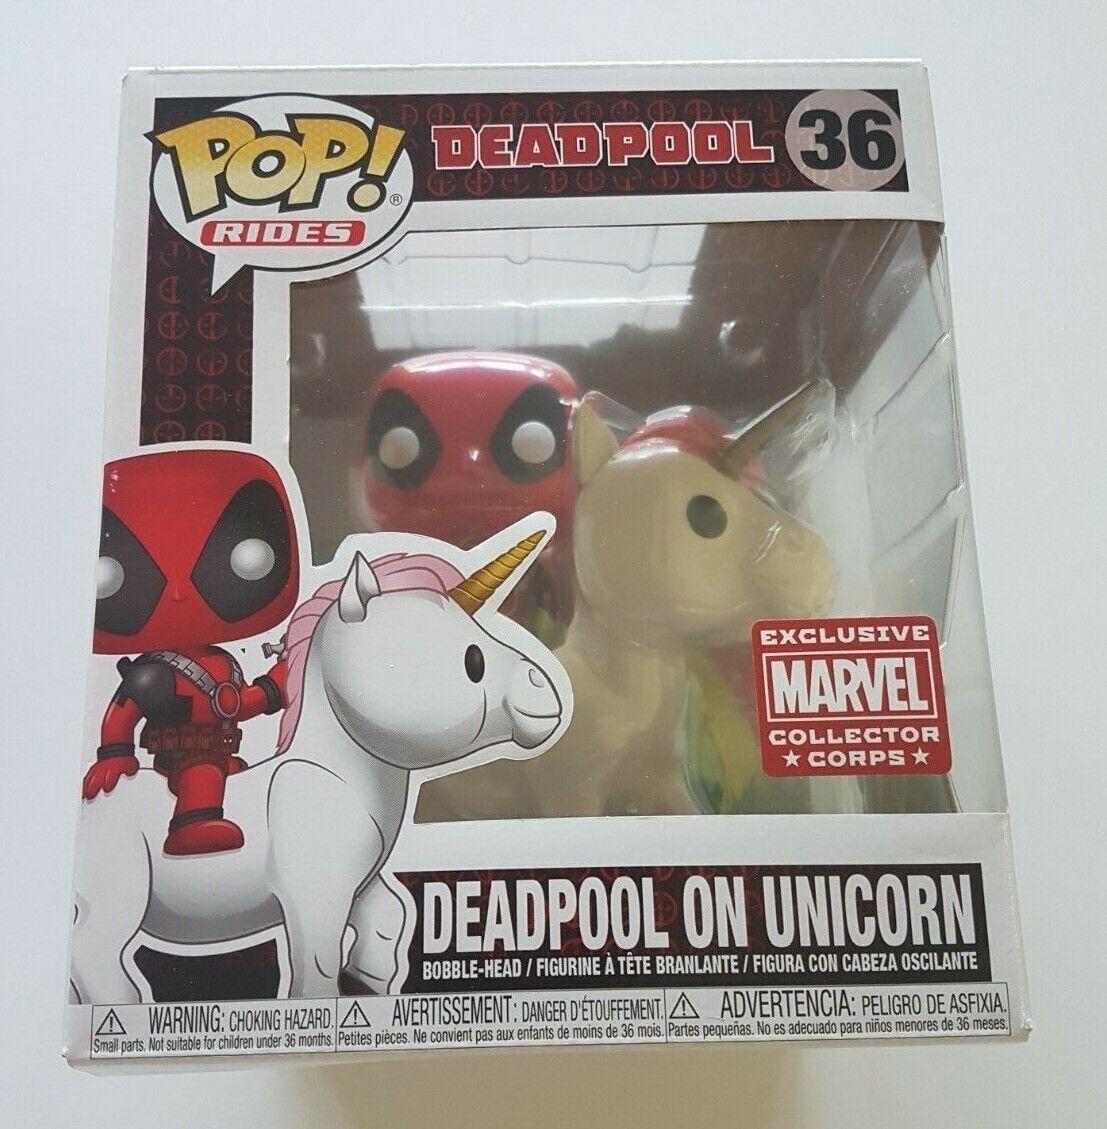 Funko Pop paseos 36 Deadpool en Unicornio Marvel Coleccionista Corps Exclusivo